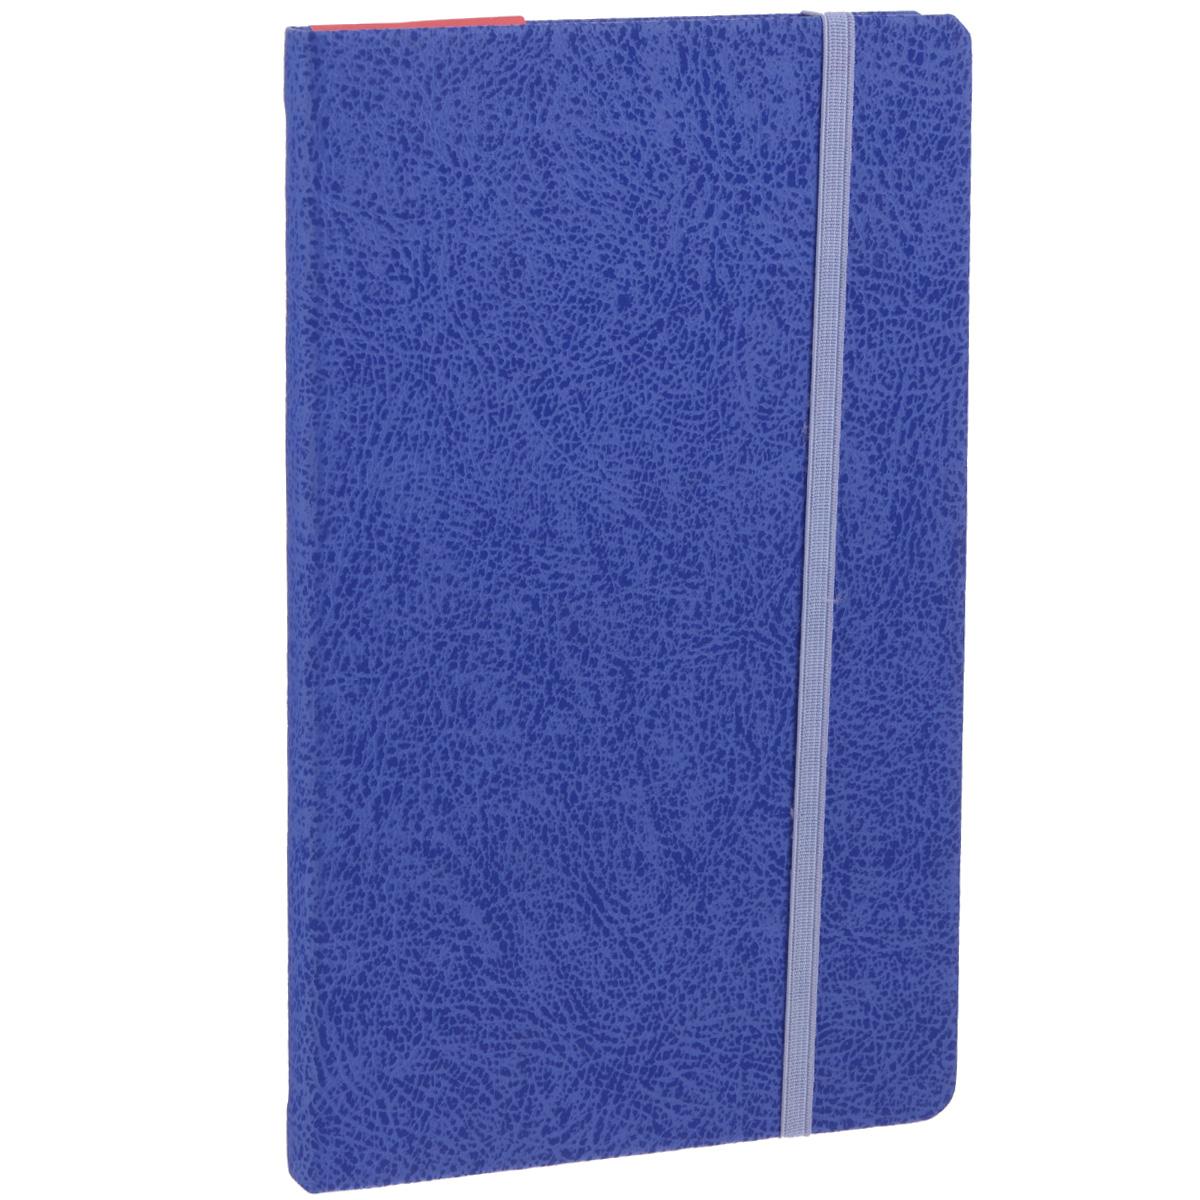 Записная книжка Erich Krause Perfect, цвет: синий, 96 листовКЗФ6801278Записная книжка Erich Krause Perfect - это дополнительный штрих к вашему имиджу. Демократичная в своем содержании, книжка может быть использована не только для личных пометок и записей, но и как недатированный ежедневник. Надежная твердая обложка из плотного картона с тиснением под кожу сохранит ее в аккуратном состоянии на протяжении всего времени использования. Плотная в линейку бумага белого цвета, закладка-ляссе, практичные скругленные углы, эластичная петелька для ручки и внутренний бумажный карман на задней обложке - все это обеспечит вам истинное удовольствие от письма. В начале книжки имеется страничка для заполнения личных данных владельца, четыре страницы для заполнения адресов, телефонов и интернет-почты и четыре страницы для заполнения сайтов и ссылок. Благодаря небольшому формату книжку легко взять с собой. Записная книжка плотно закрывается при помощи фиксирующей резинки.